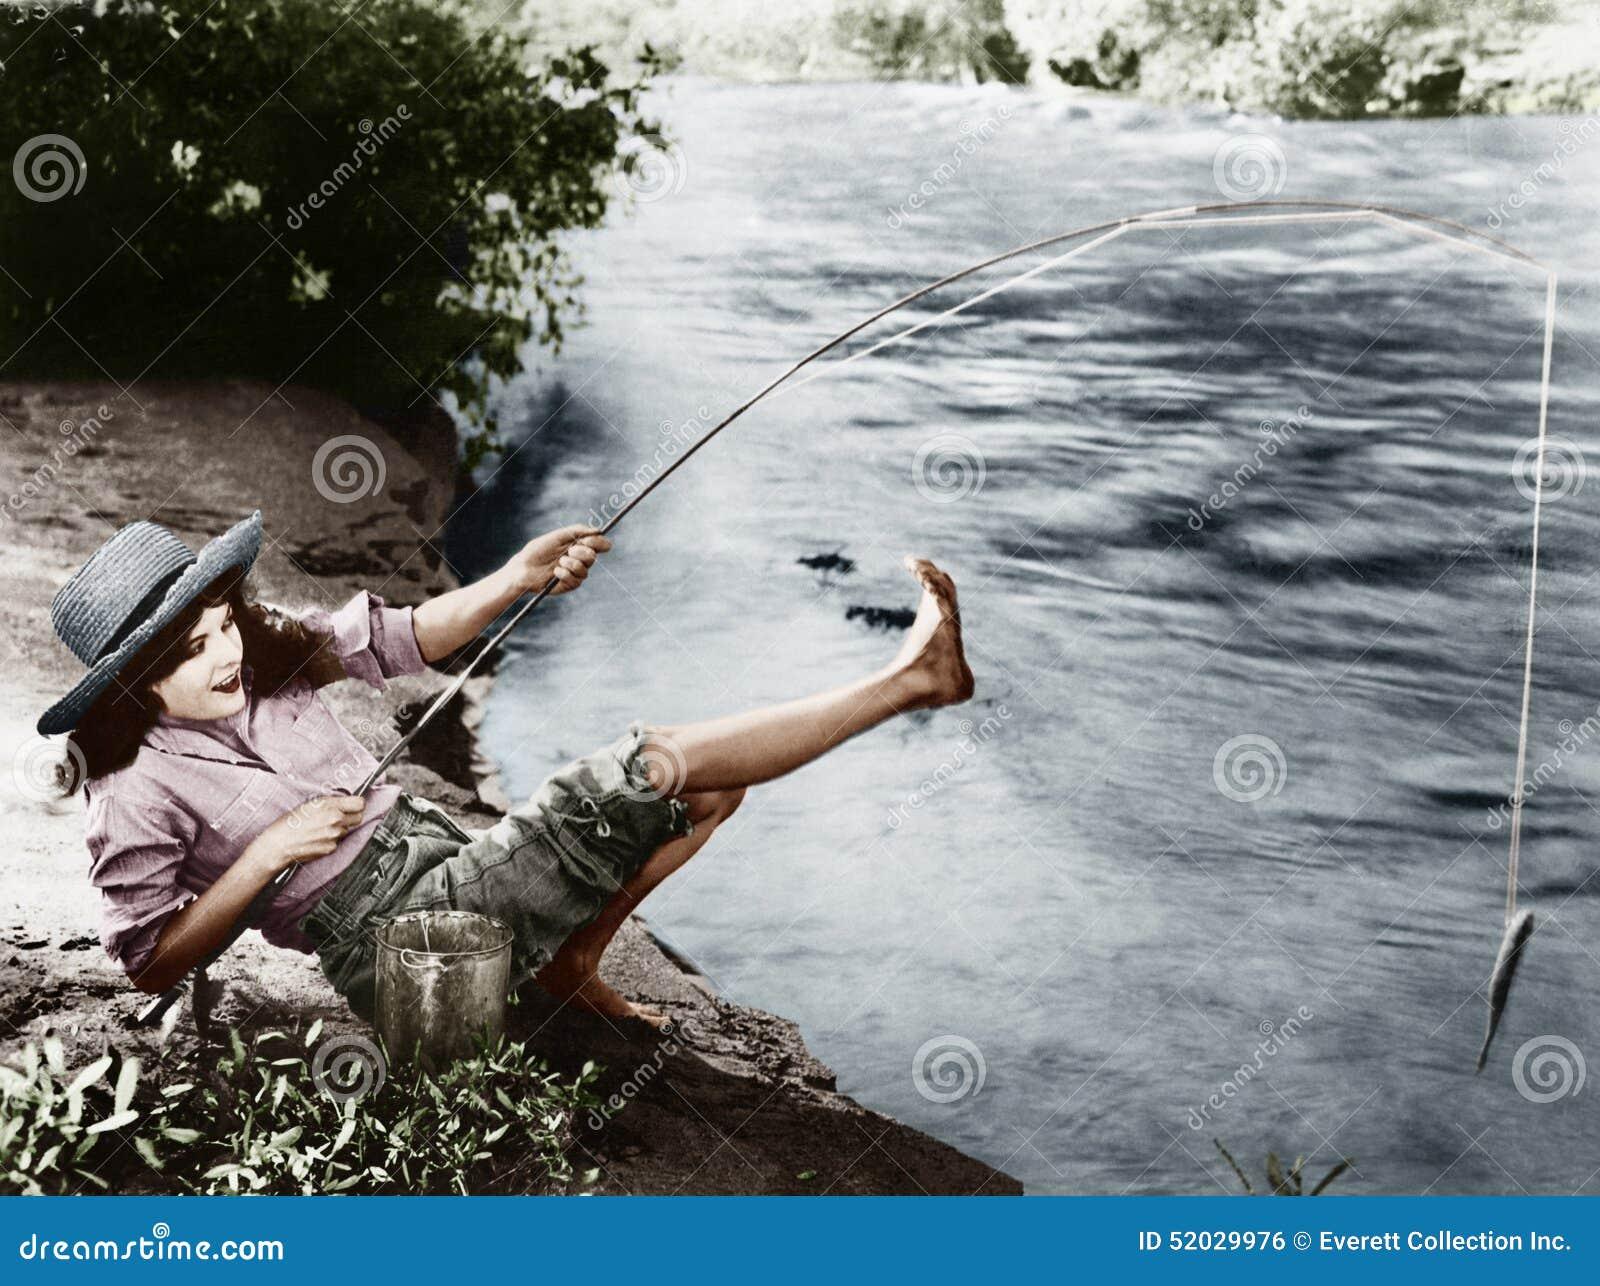 Frau, die einen kleinen Fisch fing, der über rückwärts fällt (alle dargestellten Personen sind nicht längeres lebendes und kein Z